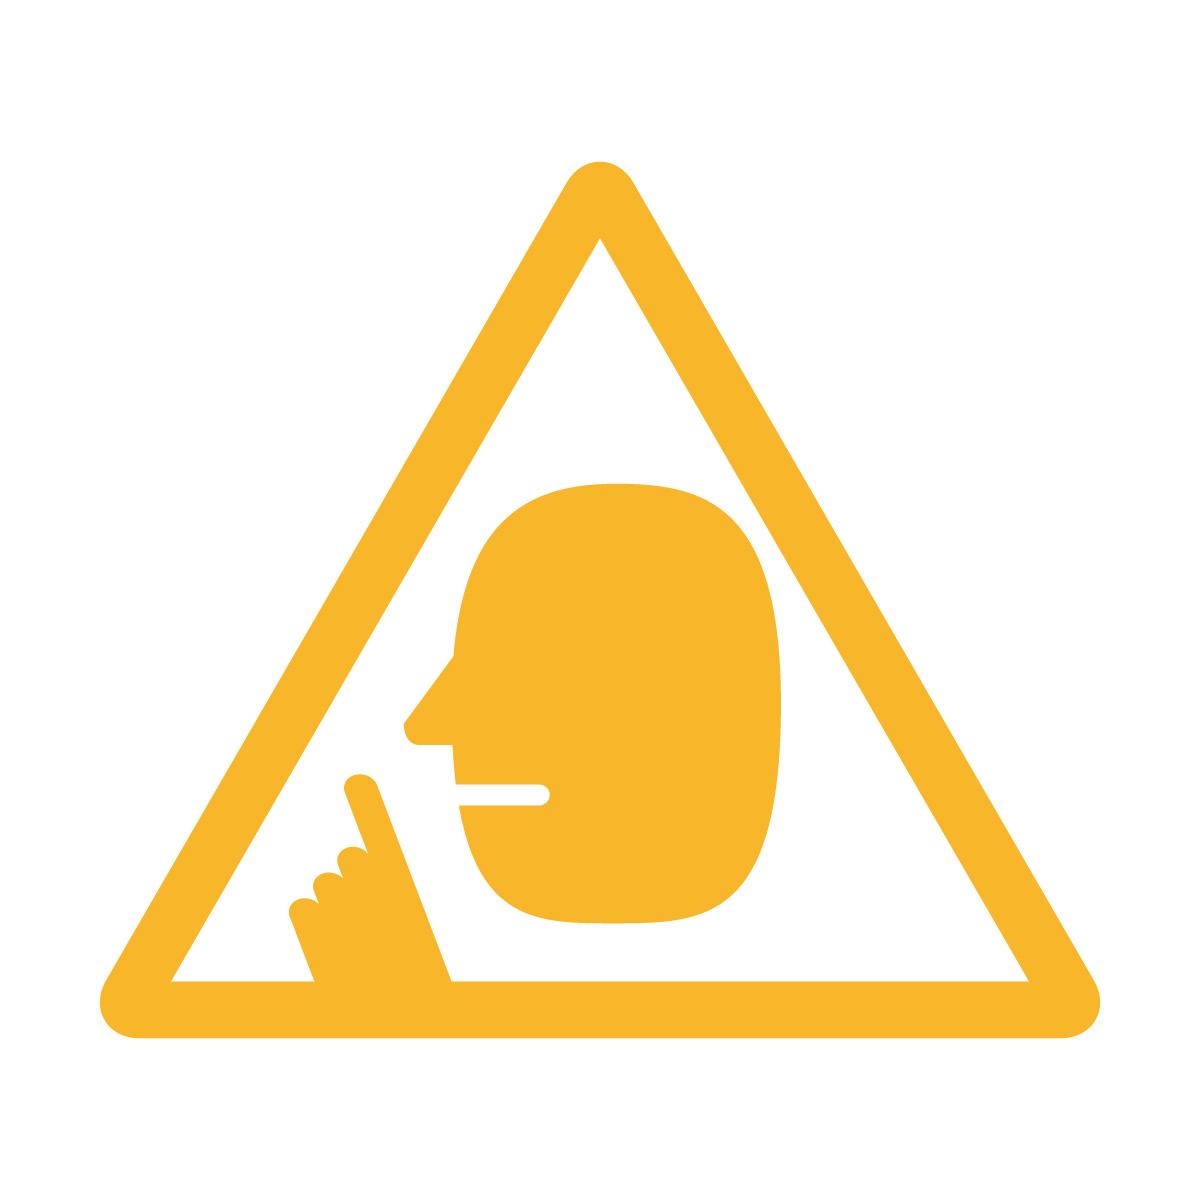 黄色の 騒音注意マークのカッティングステッカー・シール